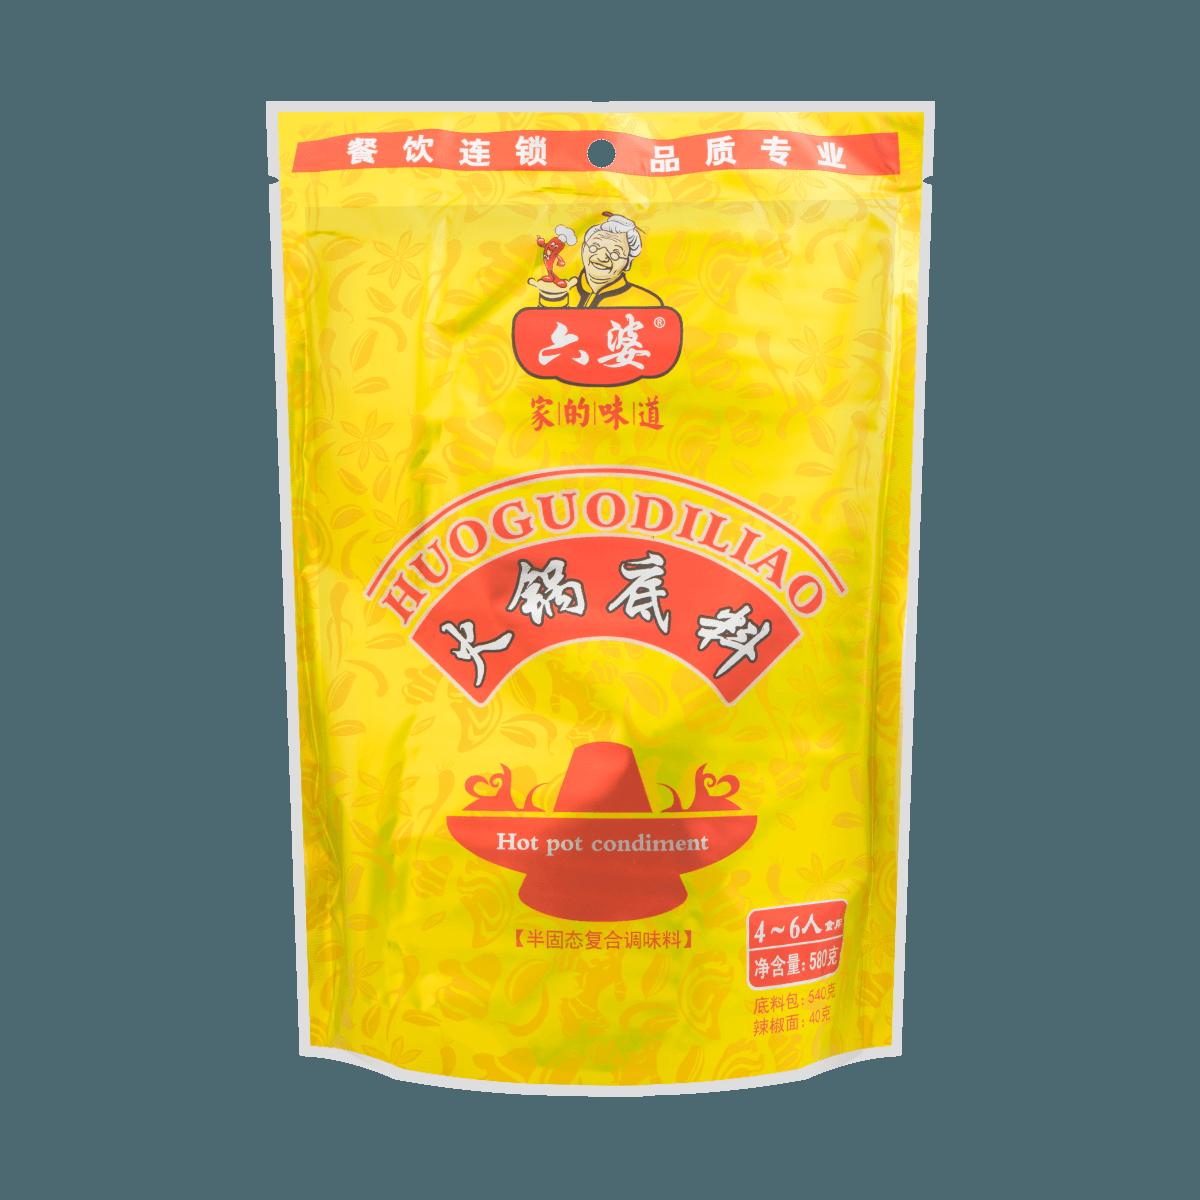 六婆 火锅底料 半固态复合调味料 580g 怎么样 - 亚米网